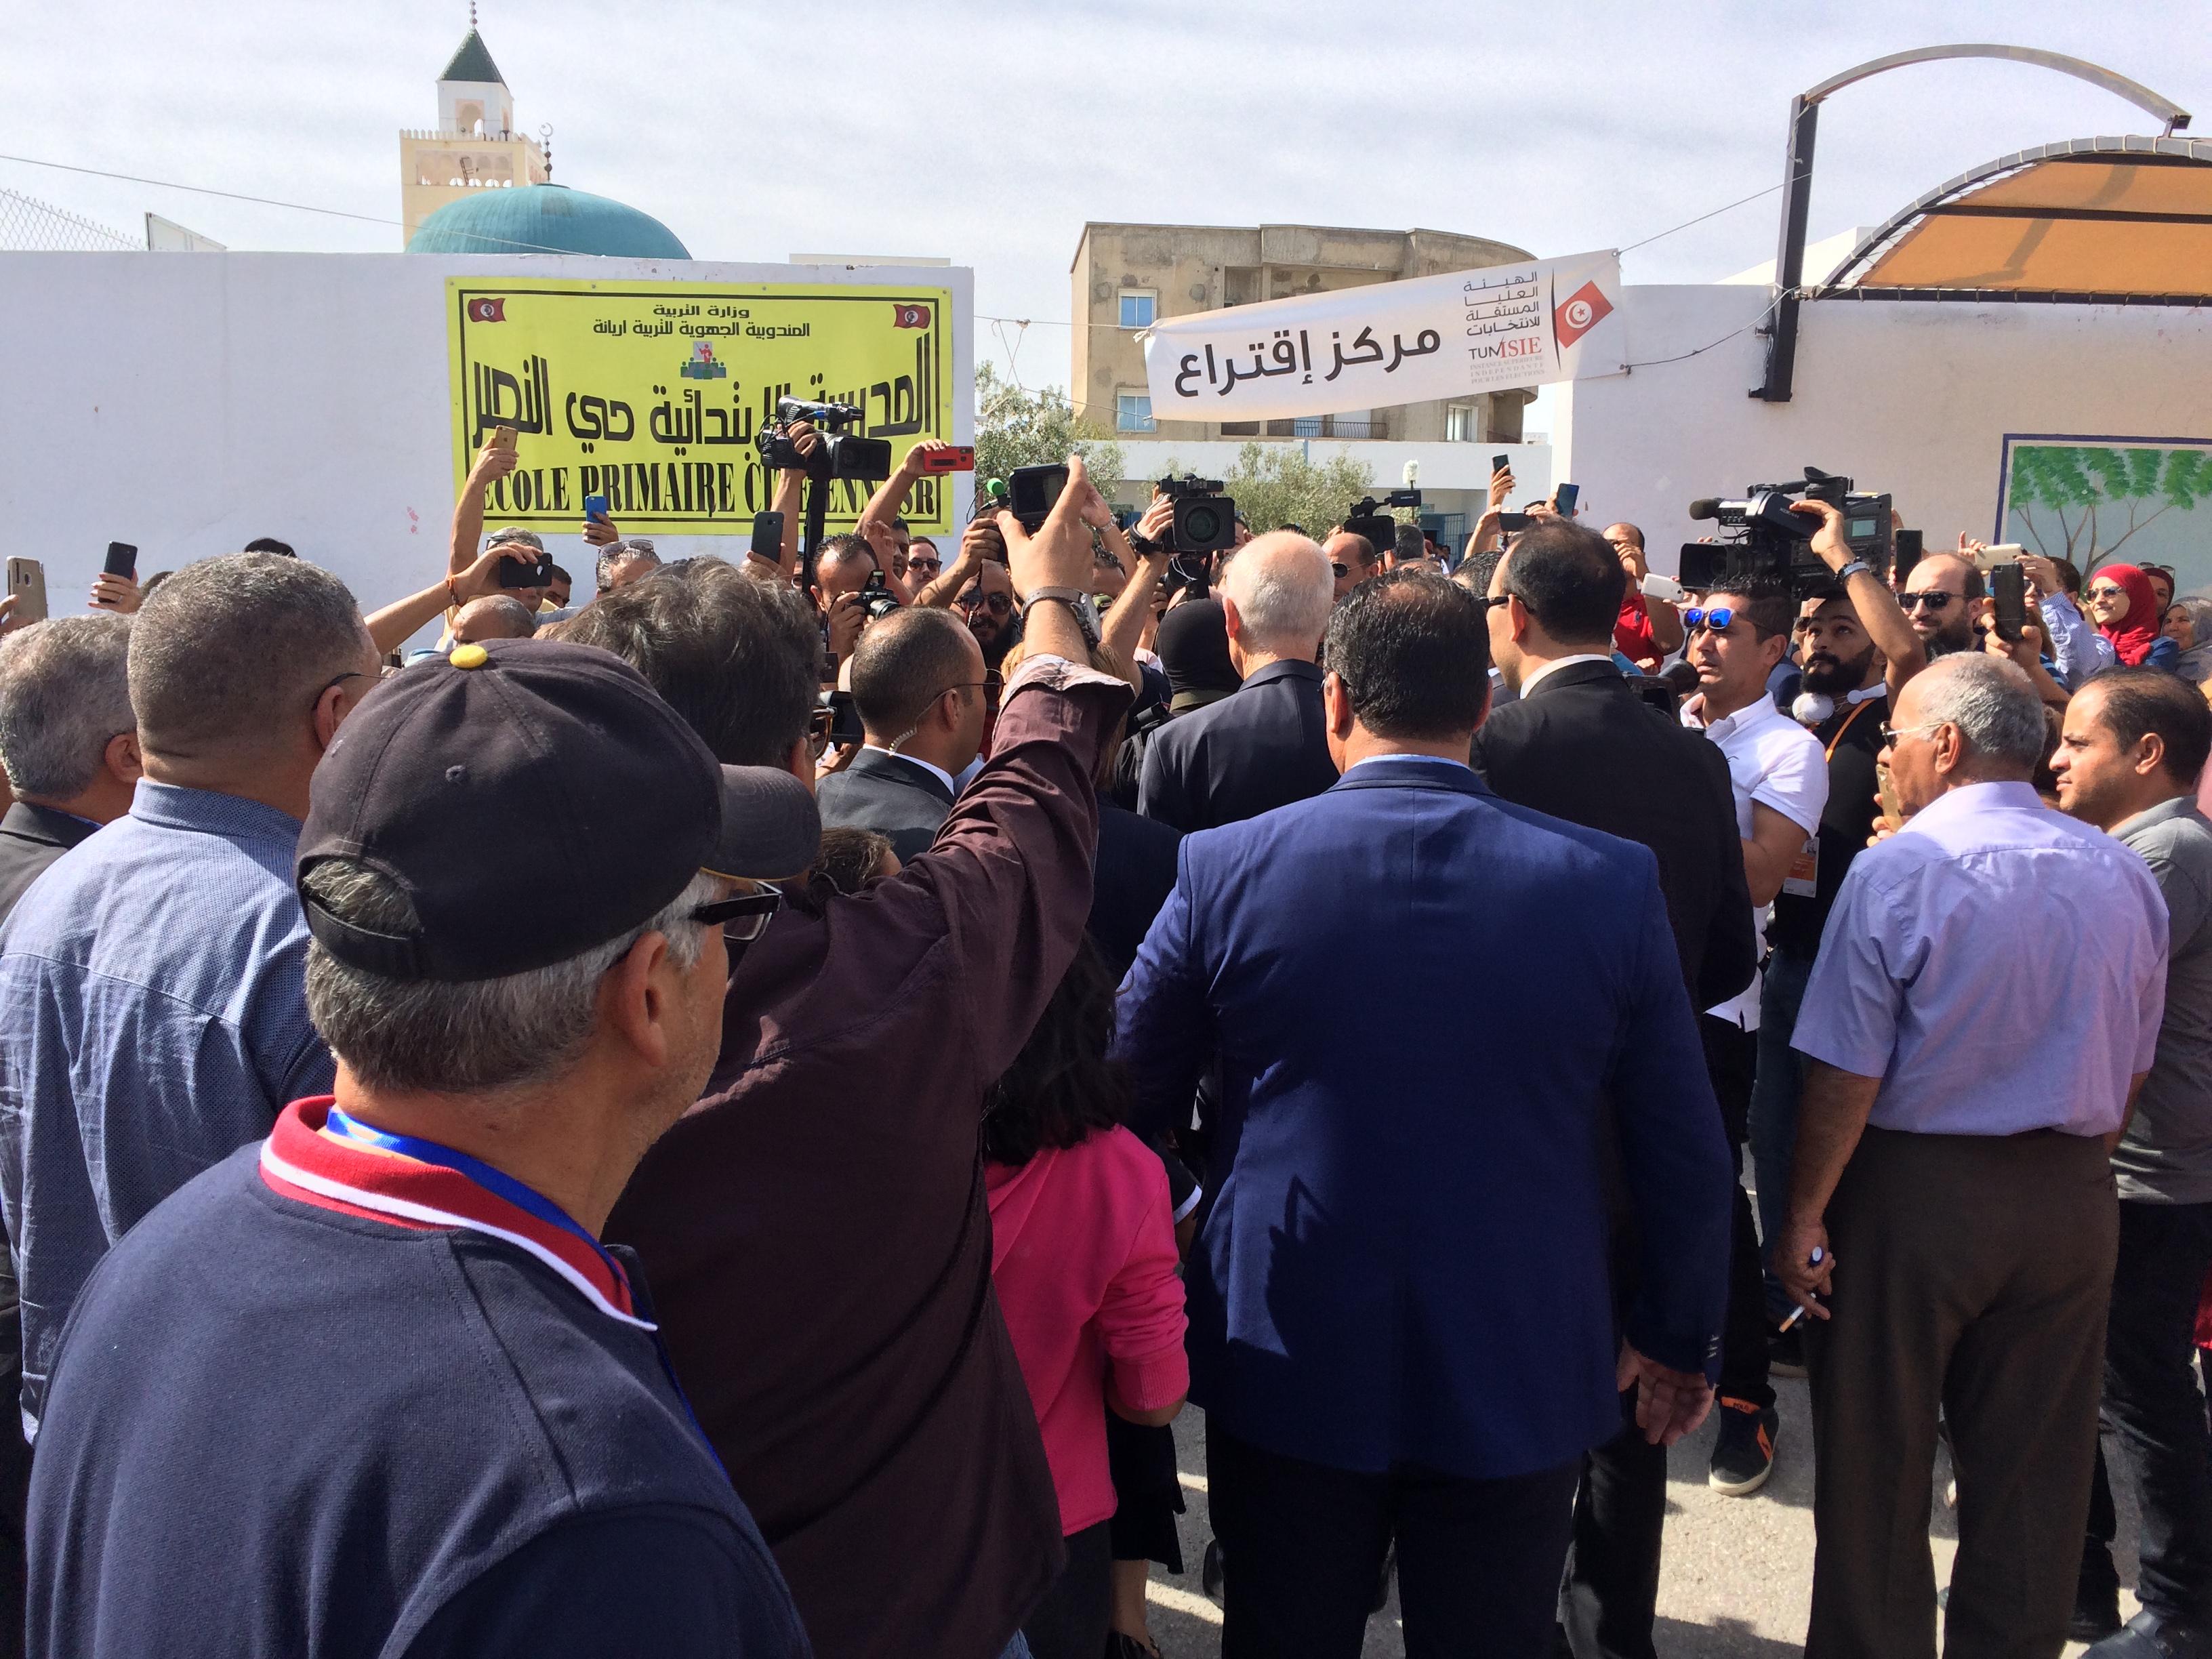 La foule se bousculant autour de Kaïs Saïed, à l'entrée du bureau de vote d'Ennasr, à Tunis, dimanche 13 octobre 2019.